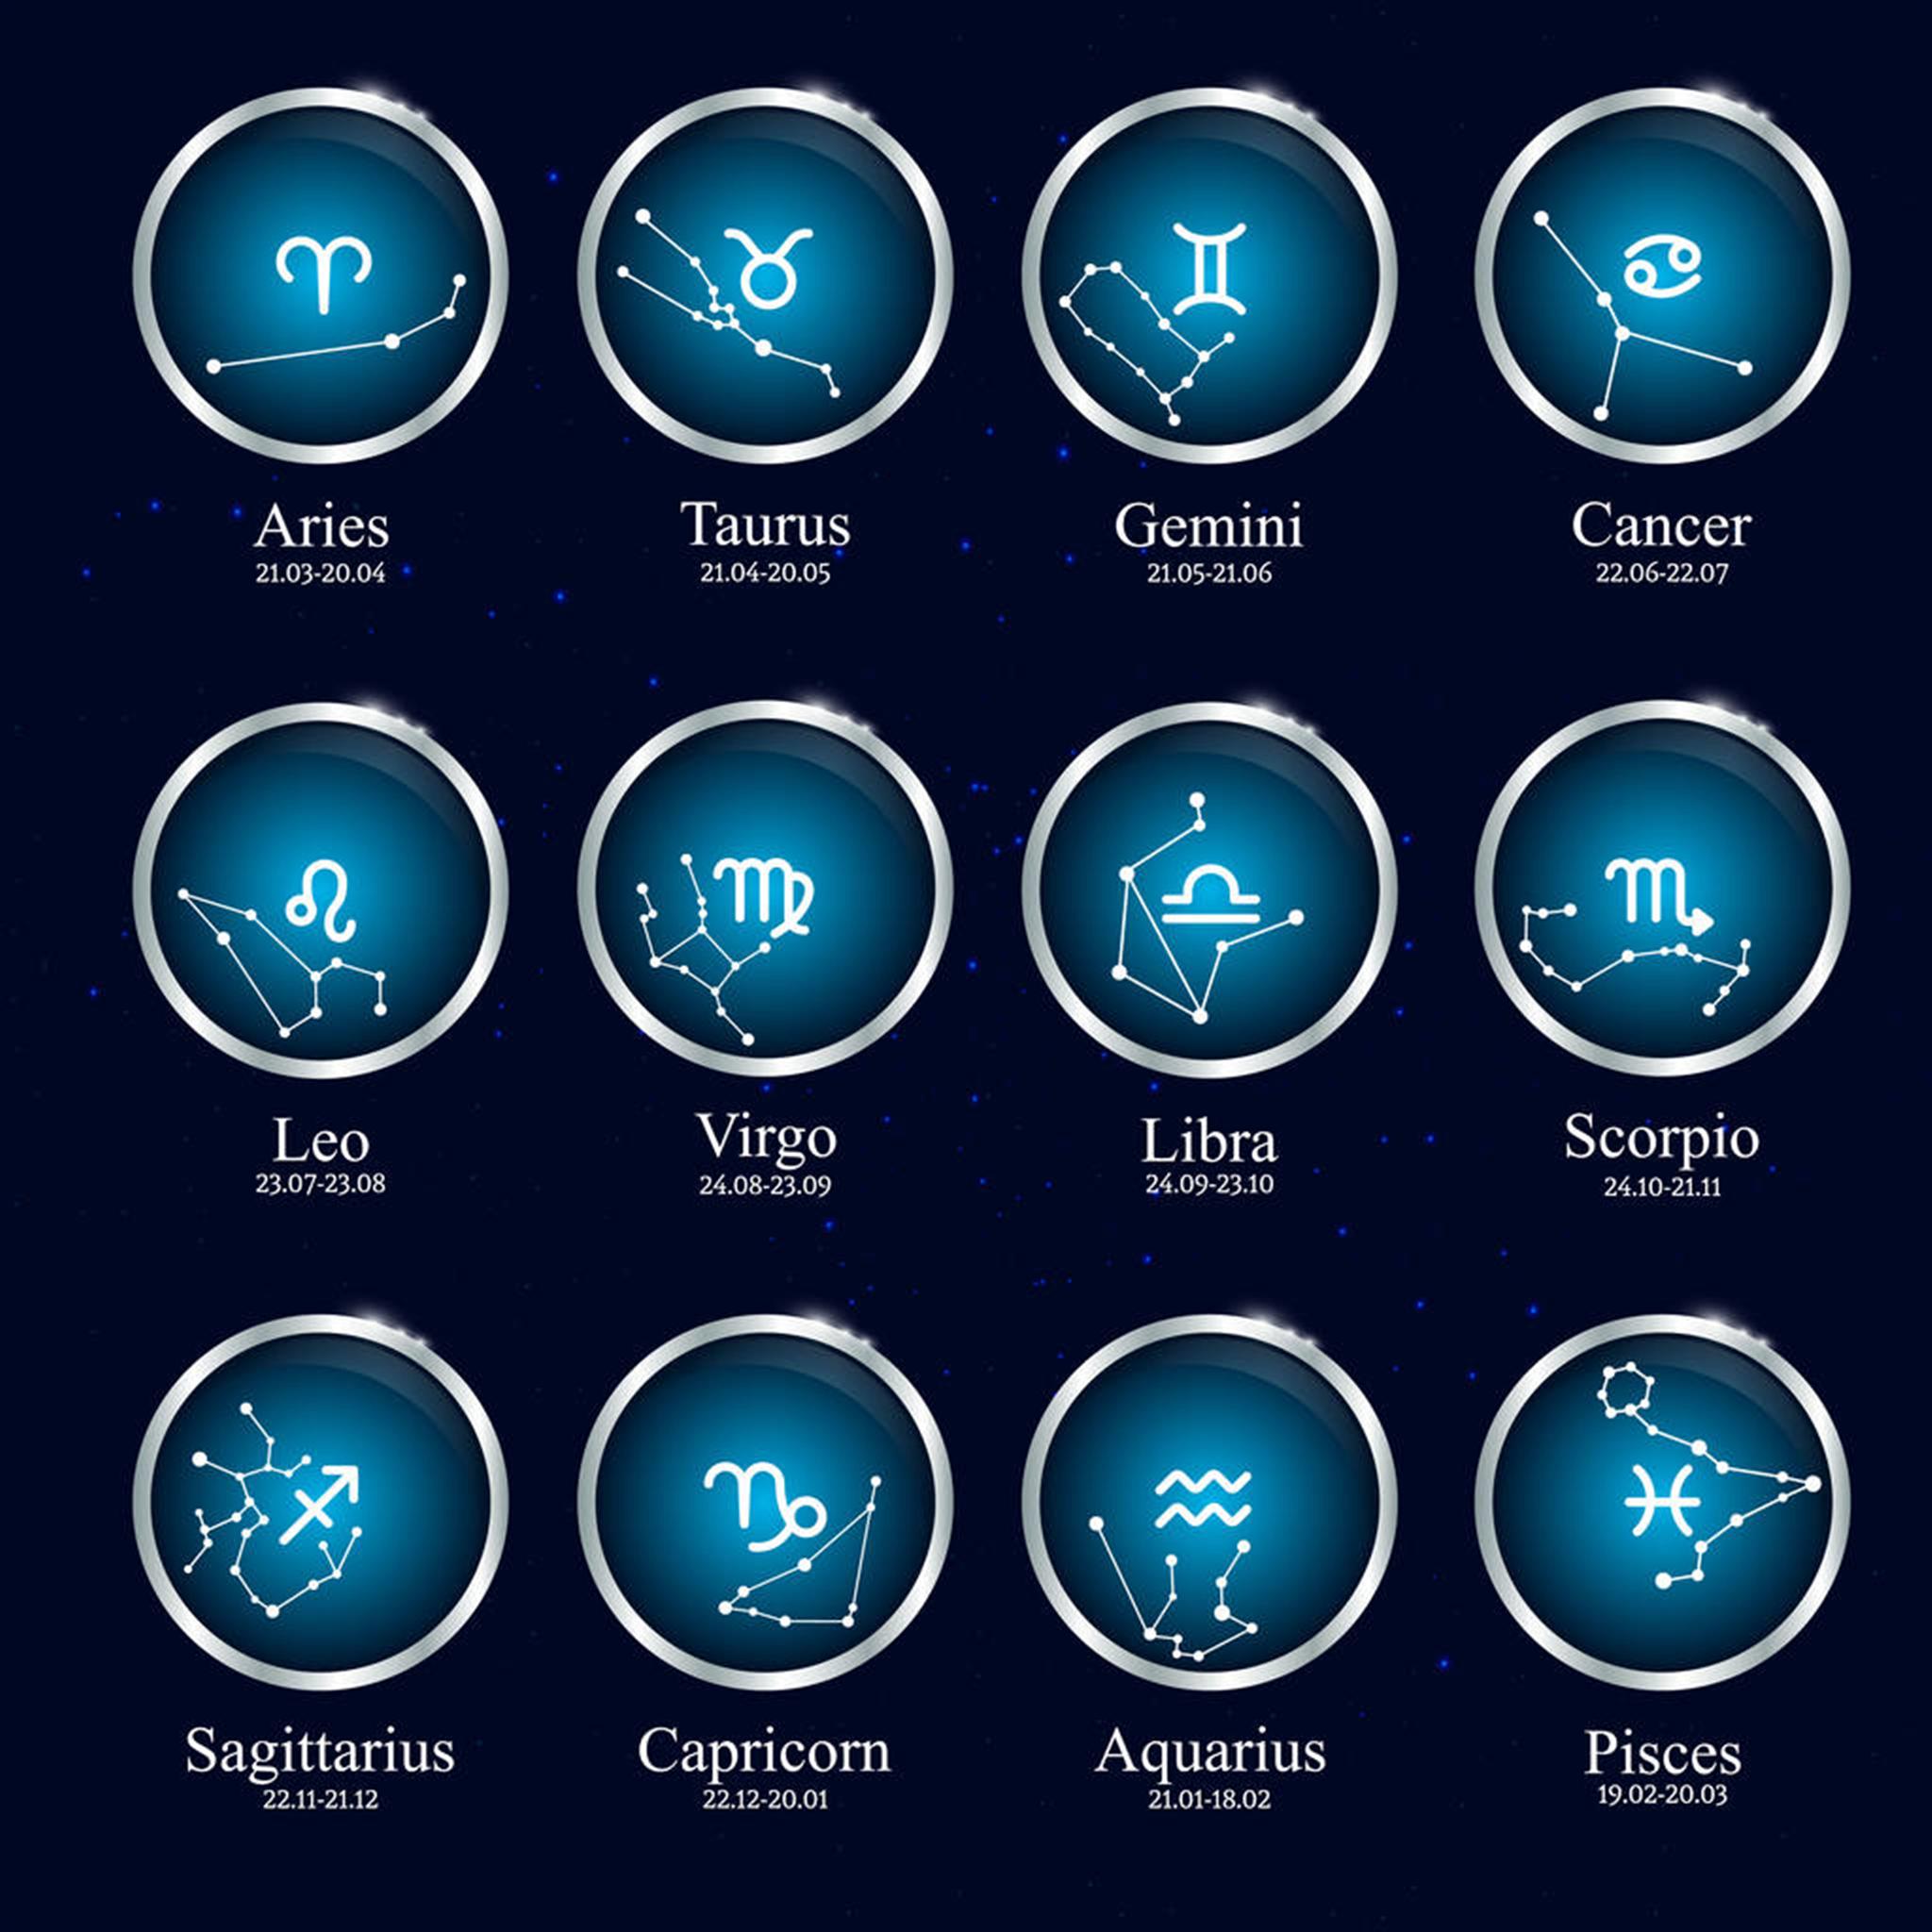 十二星座谁是学霸女神十二星座谁的成绩最好